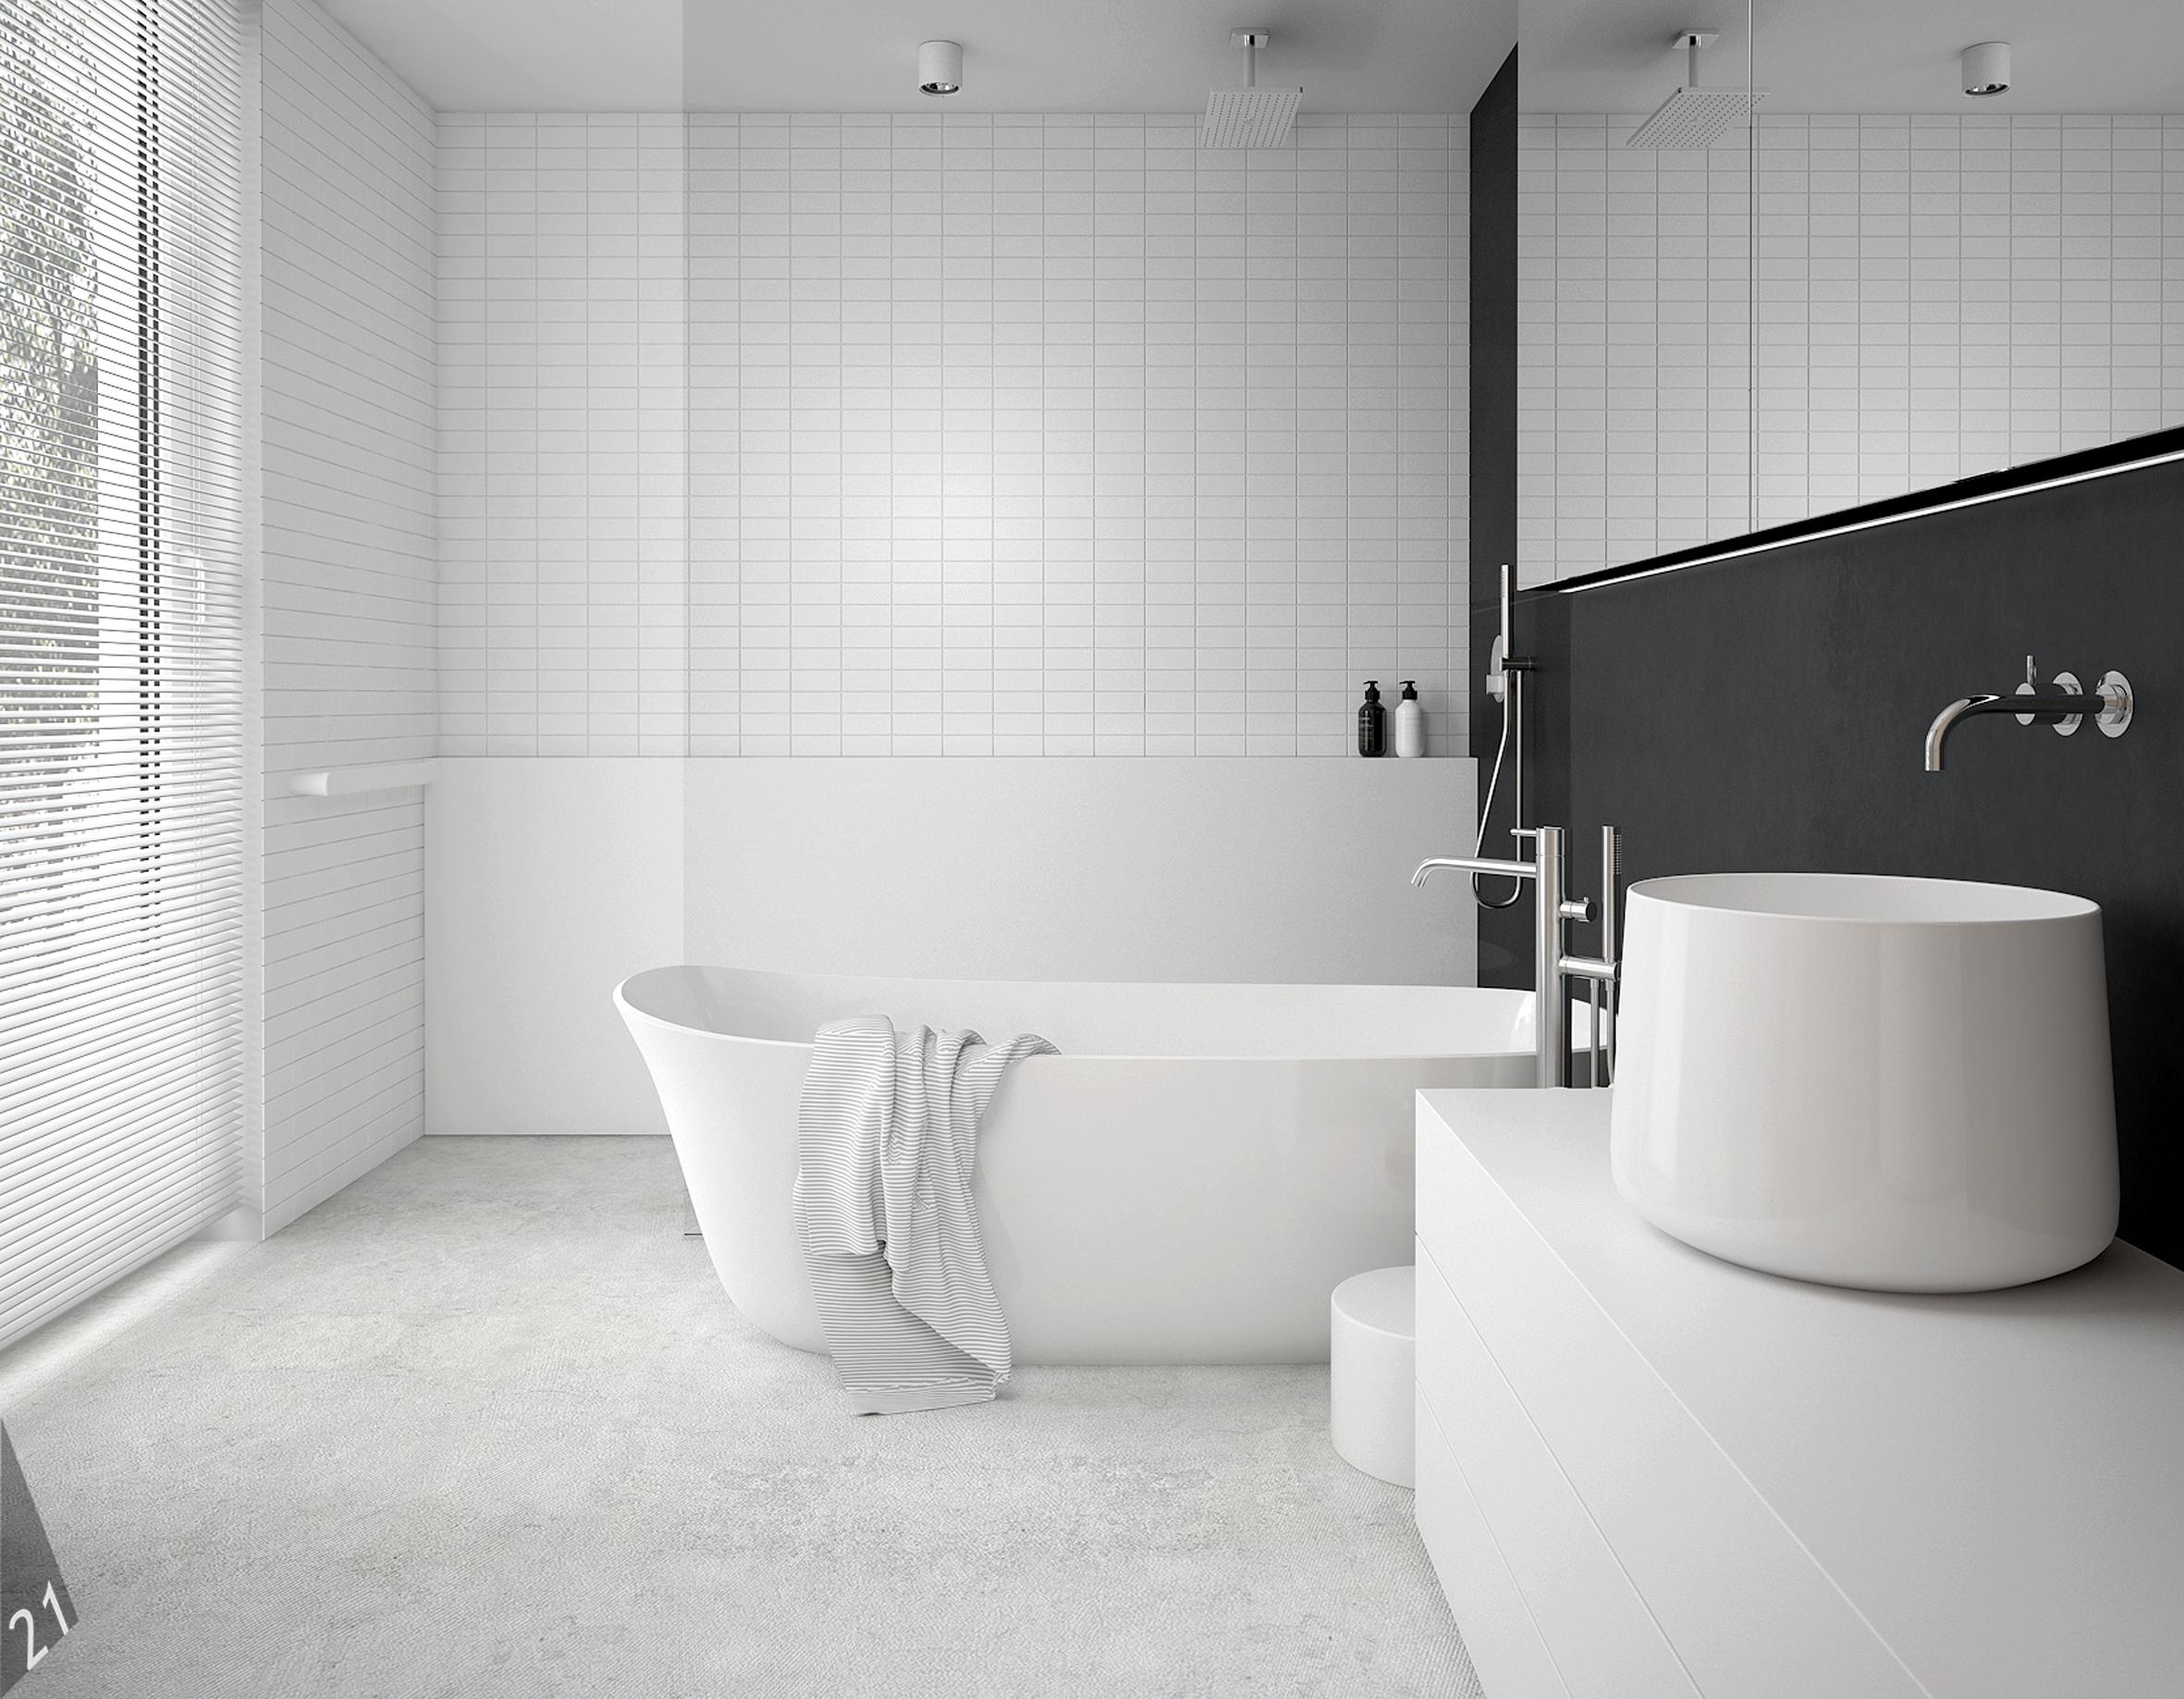 6 projektant wnetrz D372 dom z antresola katowice lazienka beton na podlodze biala cegielka wanna wolnostojaca prysznic otwarty